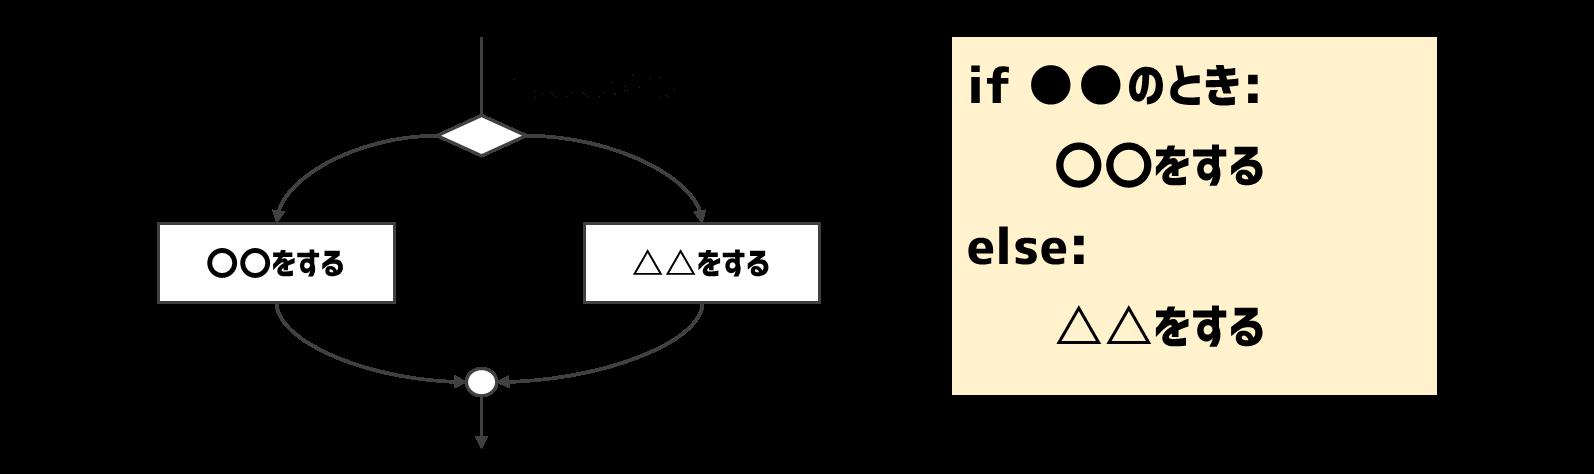 2分岐のif文